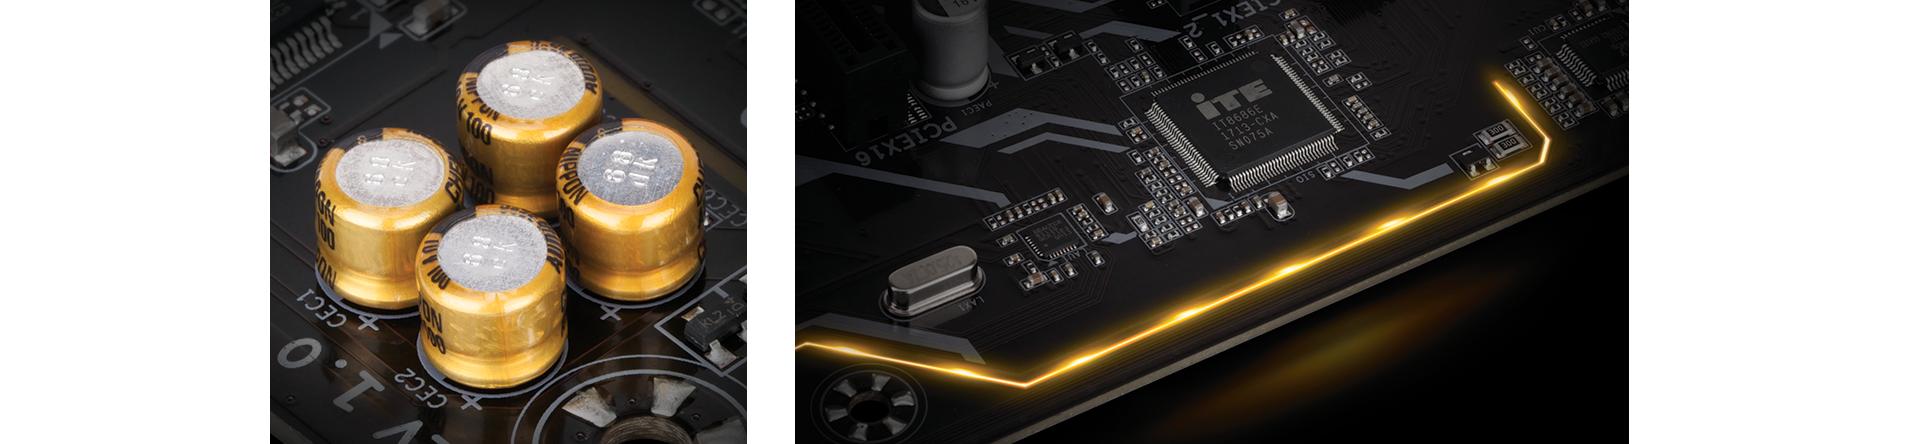 1151 8va DDR4 GIGABYTE Z370P D3-NEG